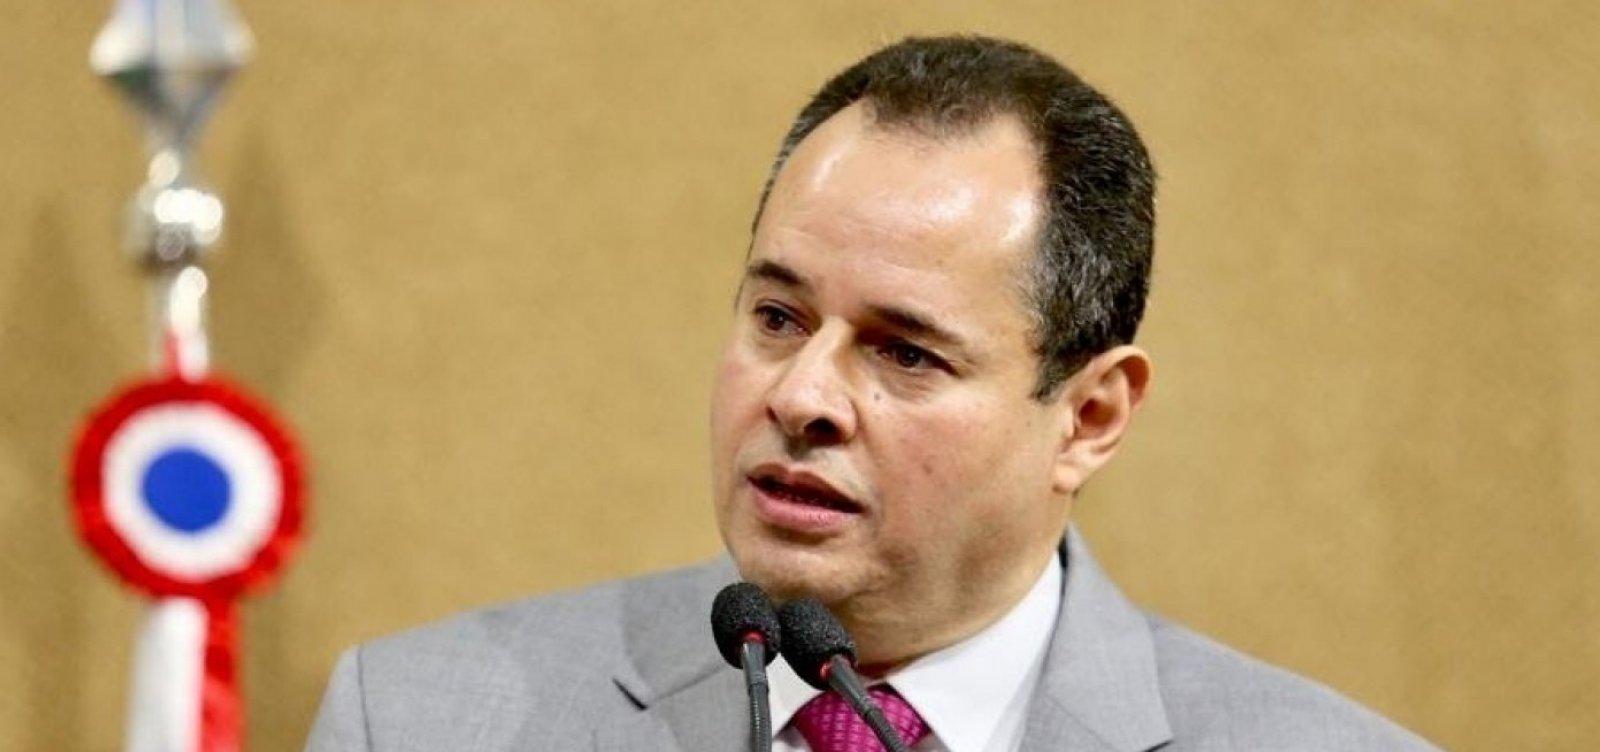 ['Não cabe a mim fazer julgamento', diz presidente da AL-BA sobre invasão de bolsonarista]